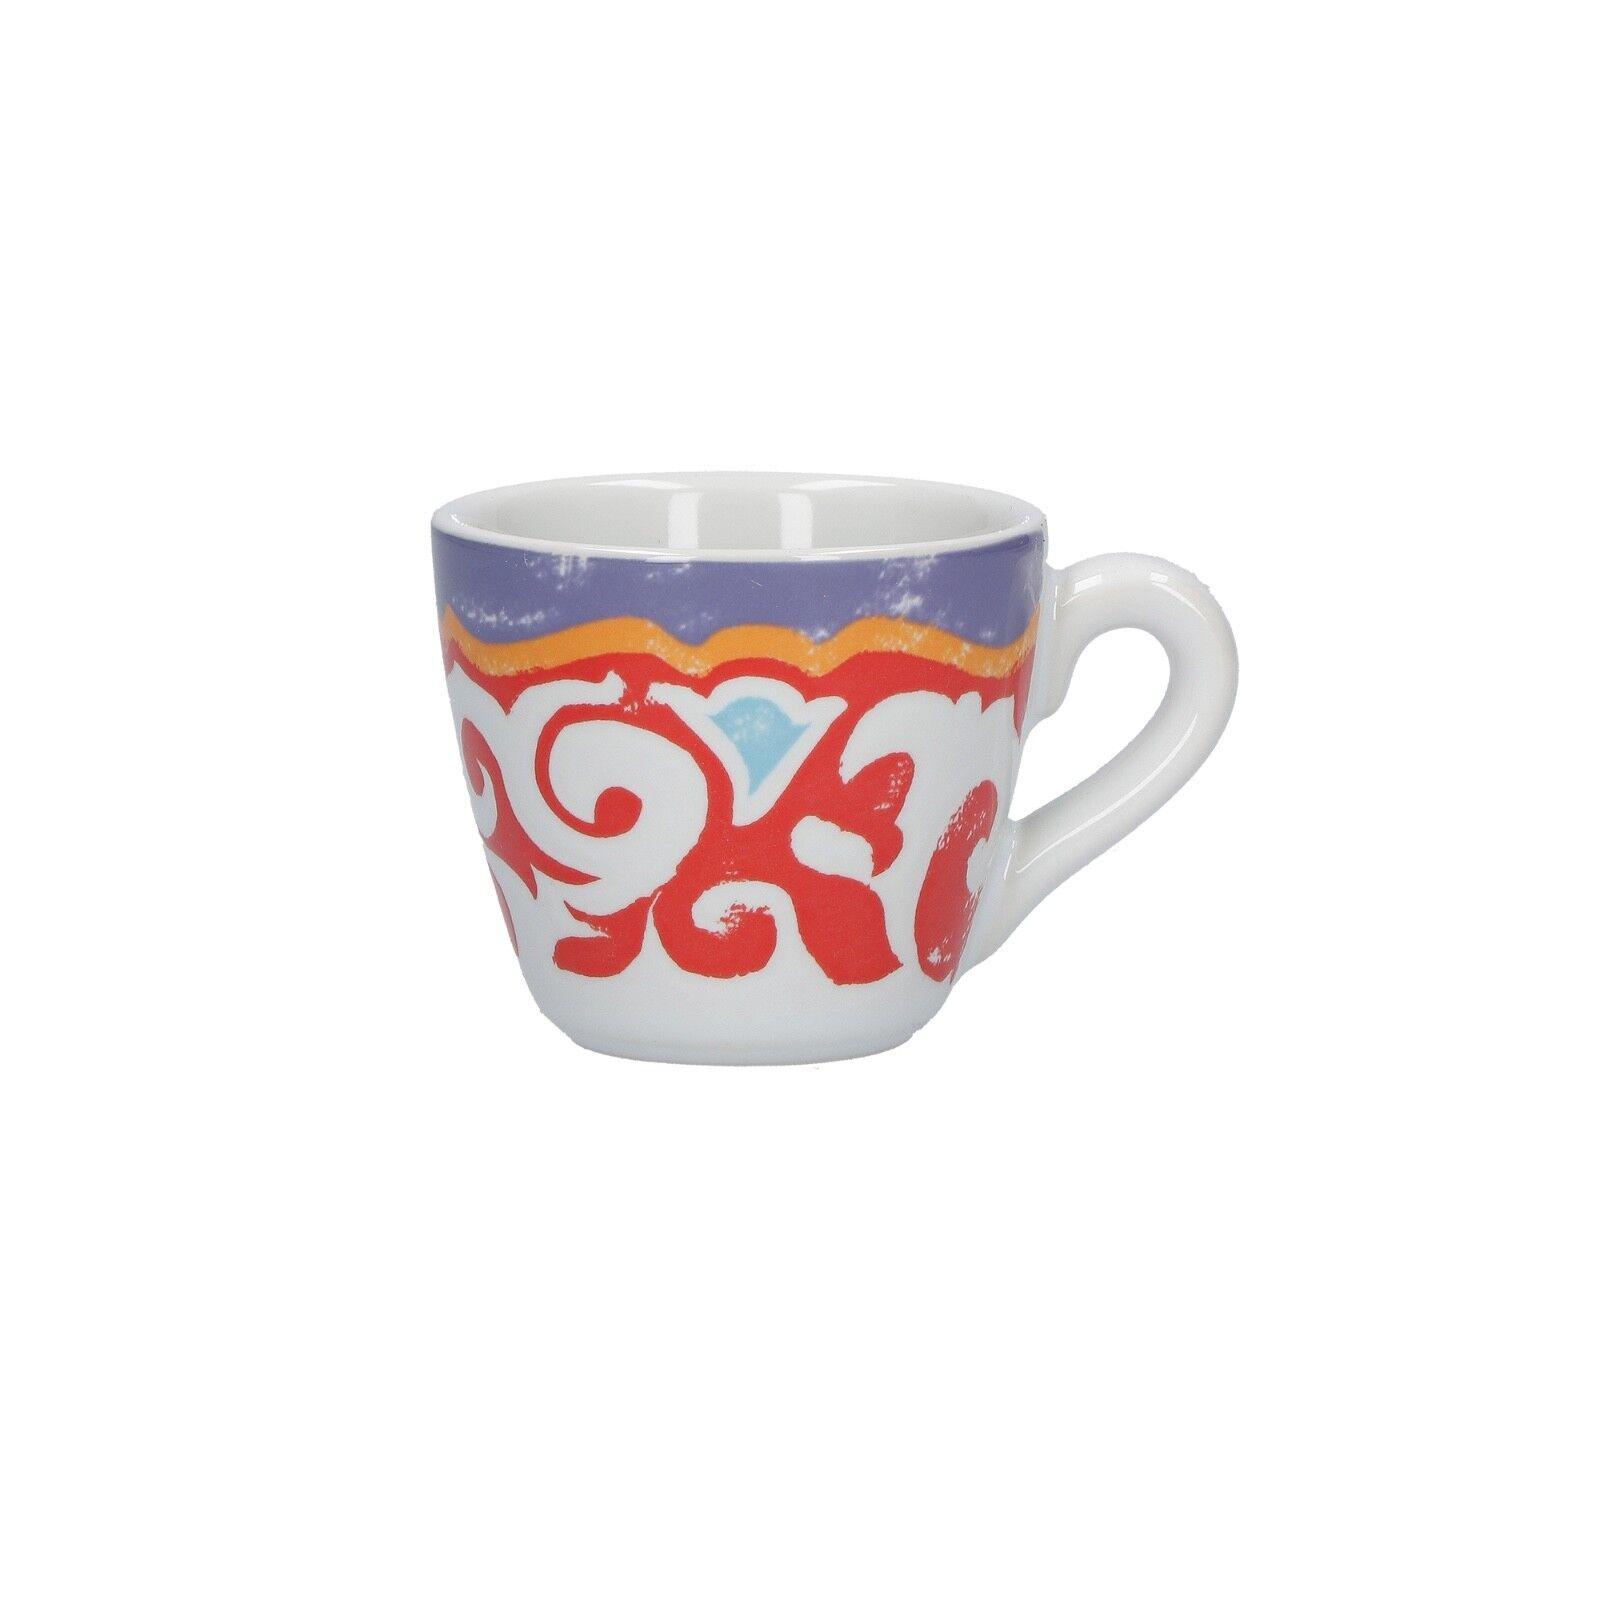 Rose e Tulipani - Nador 12 tazze Caffè Nador 6 piattini assortiti - Rivenditore